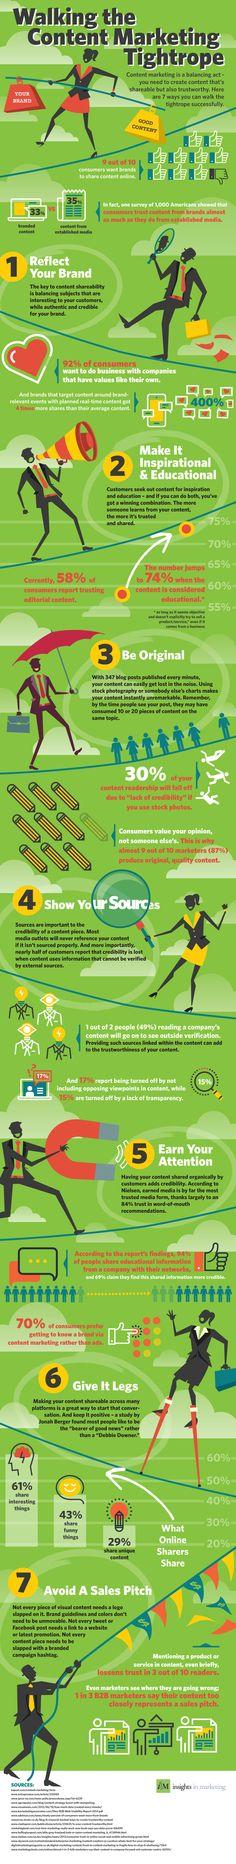 7 consejos para crear contenido de confianza para tu Marca #infografia #infographic #marketing | TICs y Formación